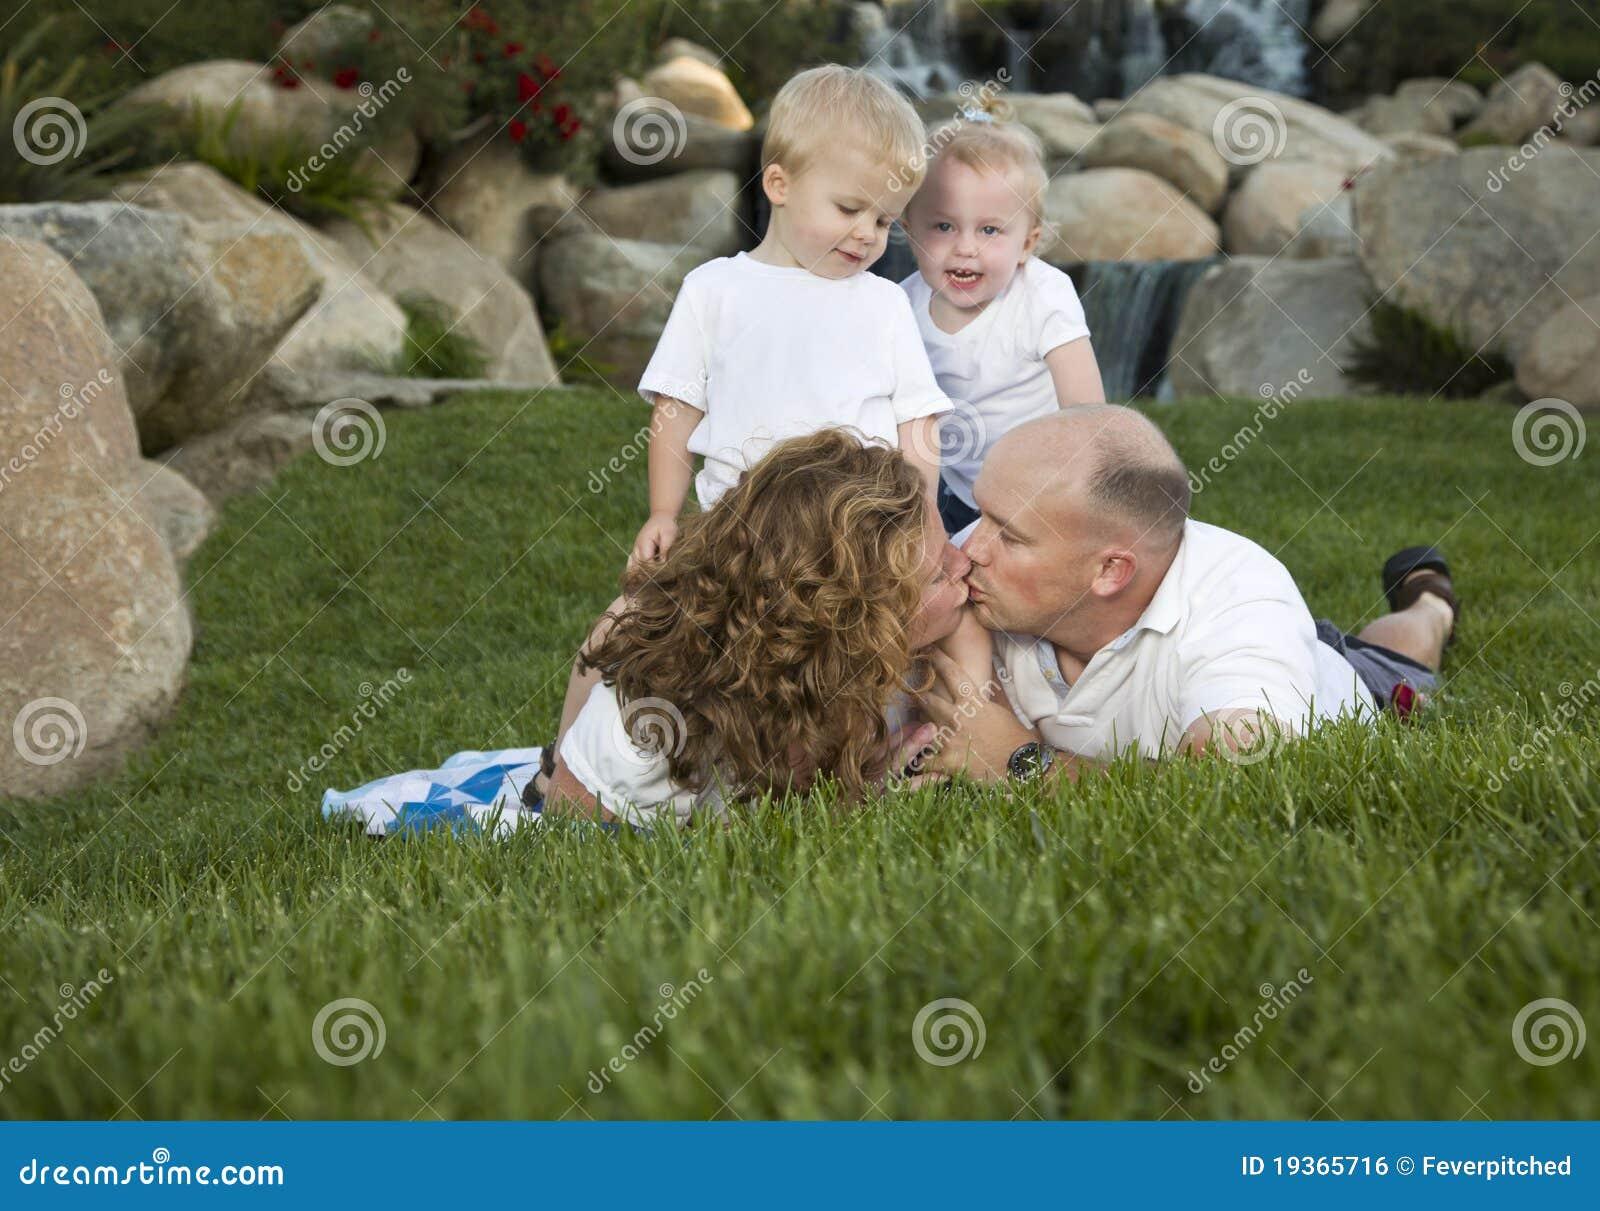 Beijo afectuoso dos pares como o olhar bonito dos gêmeos sobre